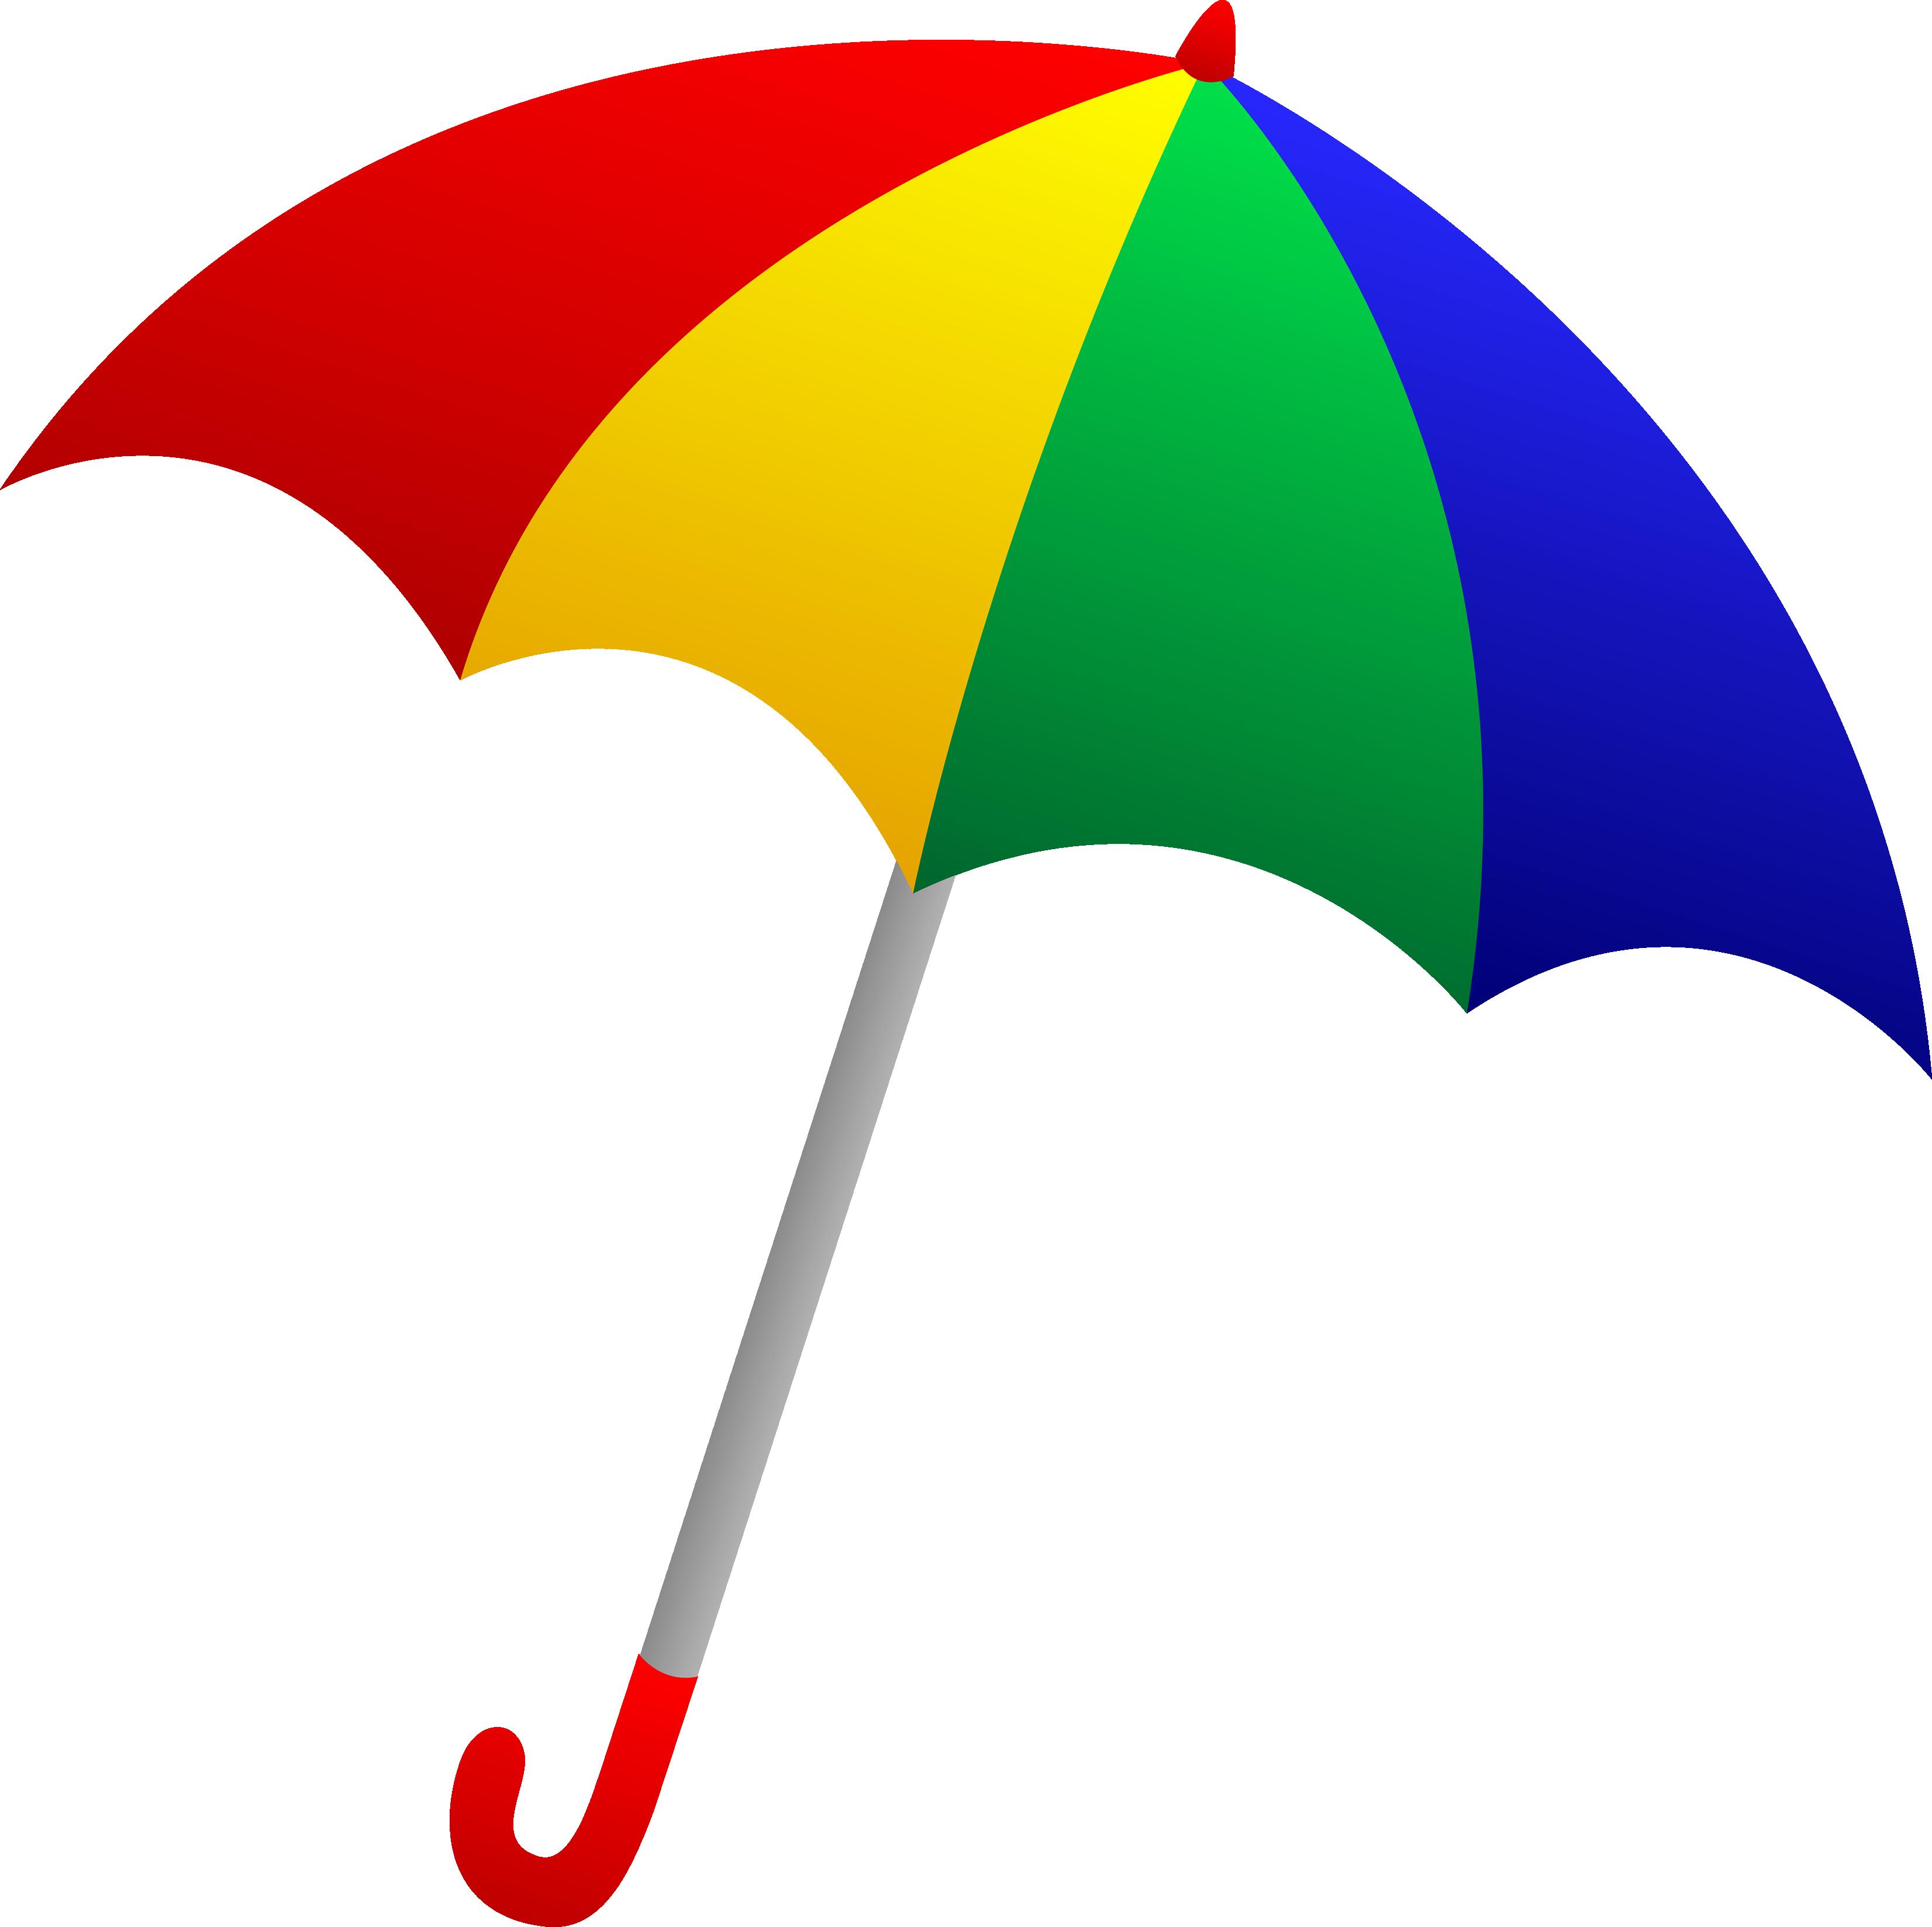 3304x3295 Umbrella Clipart Umbrella Image Umbrellas Clipartbold